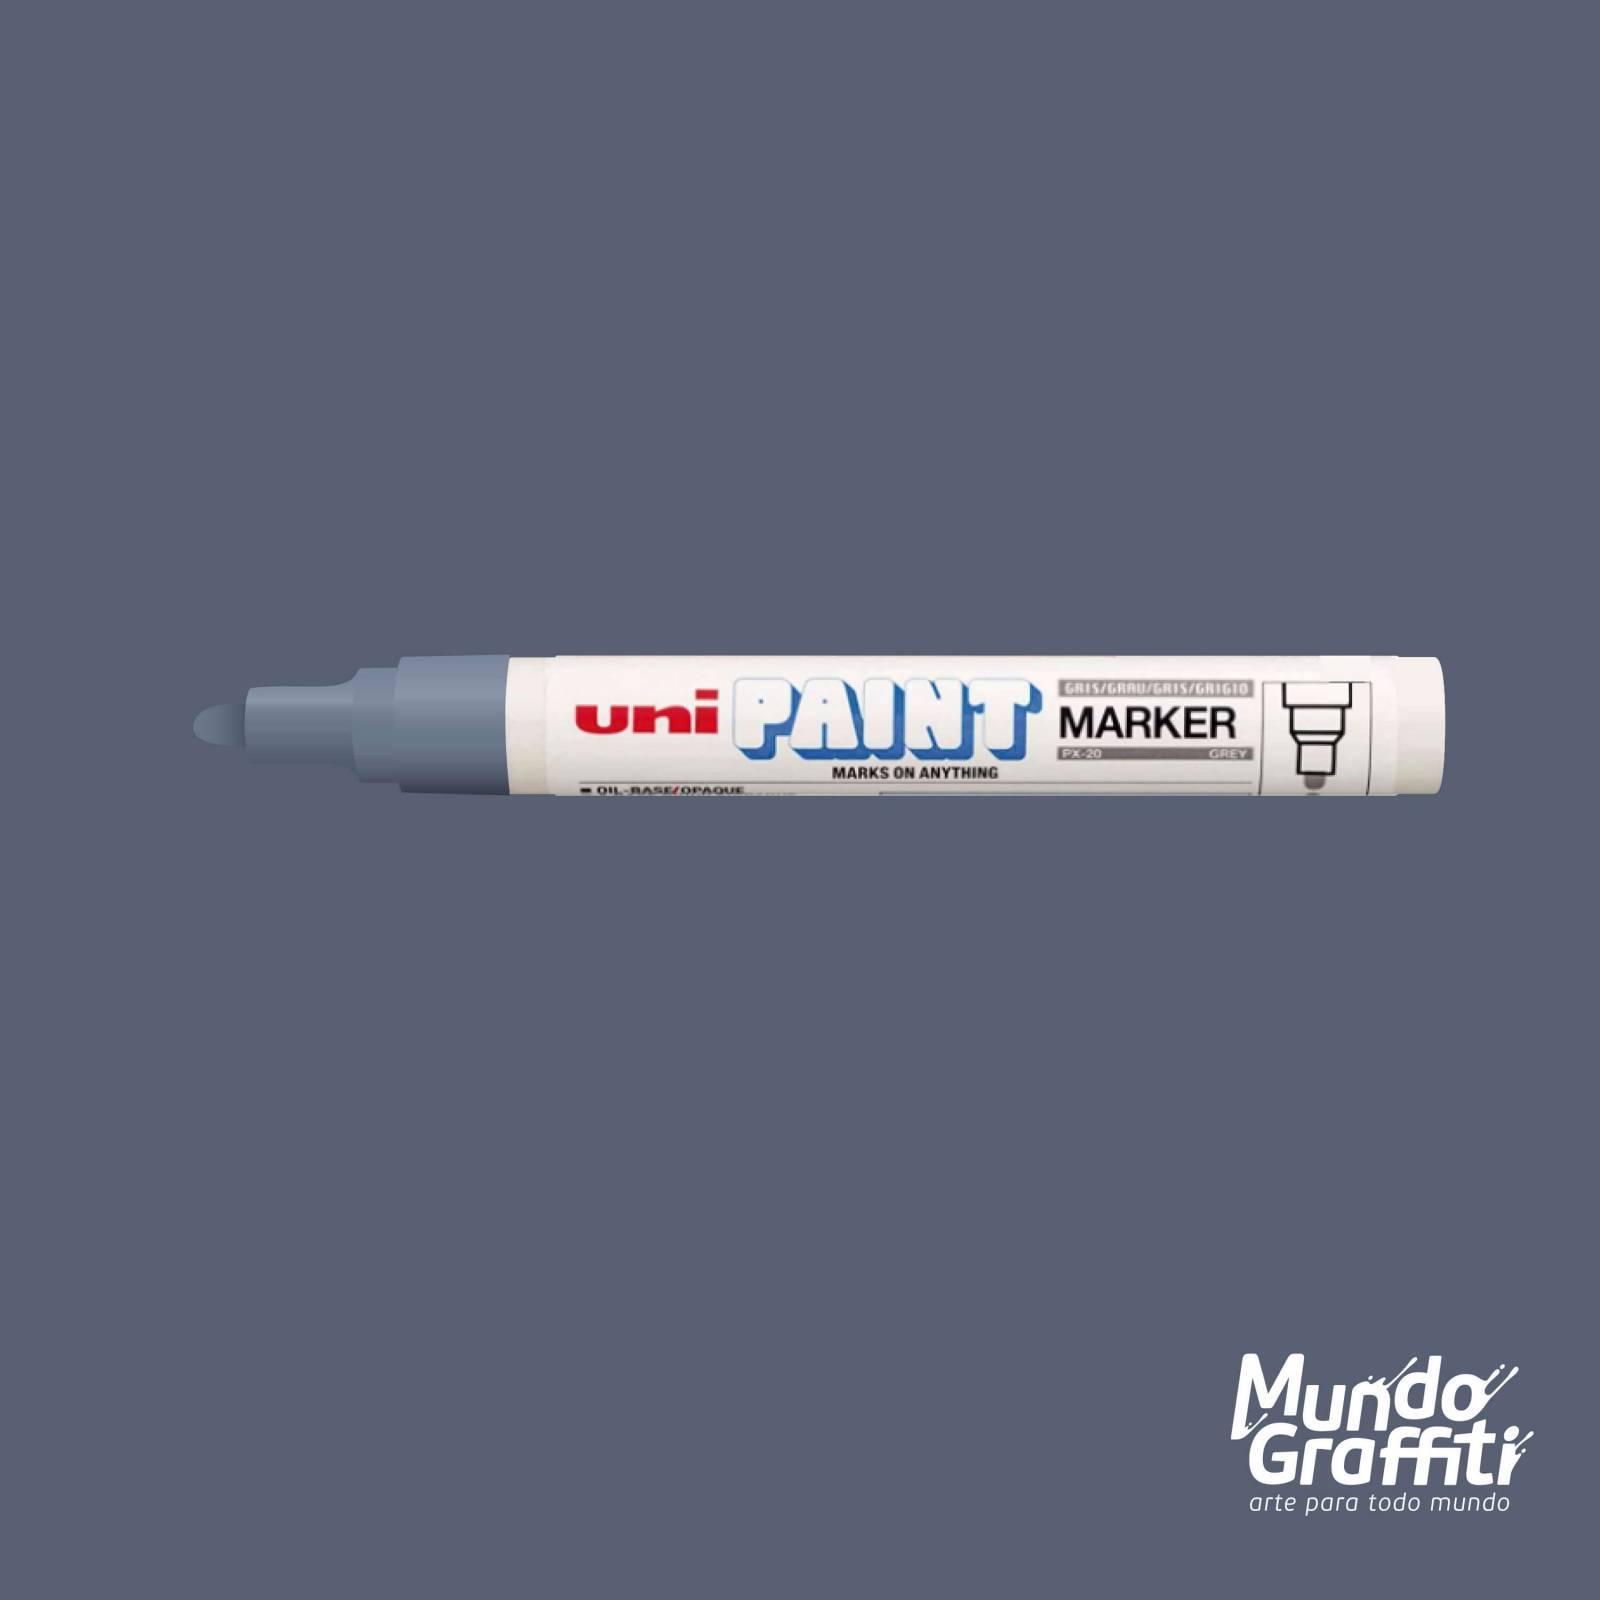 Marcador Permanente Uni Paint Marker PX20 Cinza - Mundo Graffiti